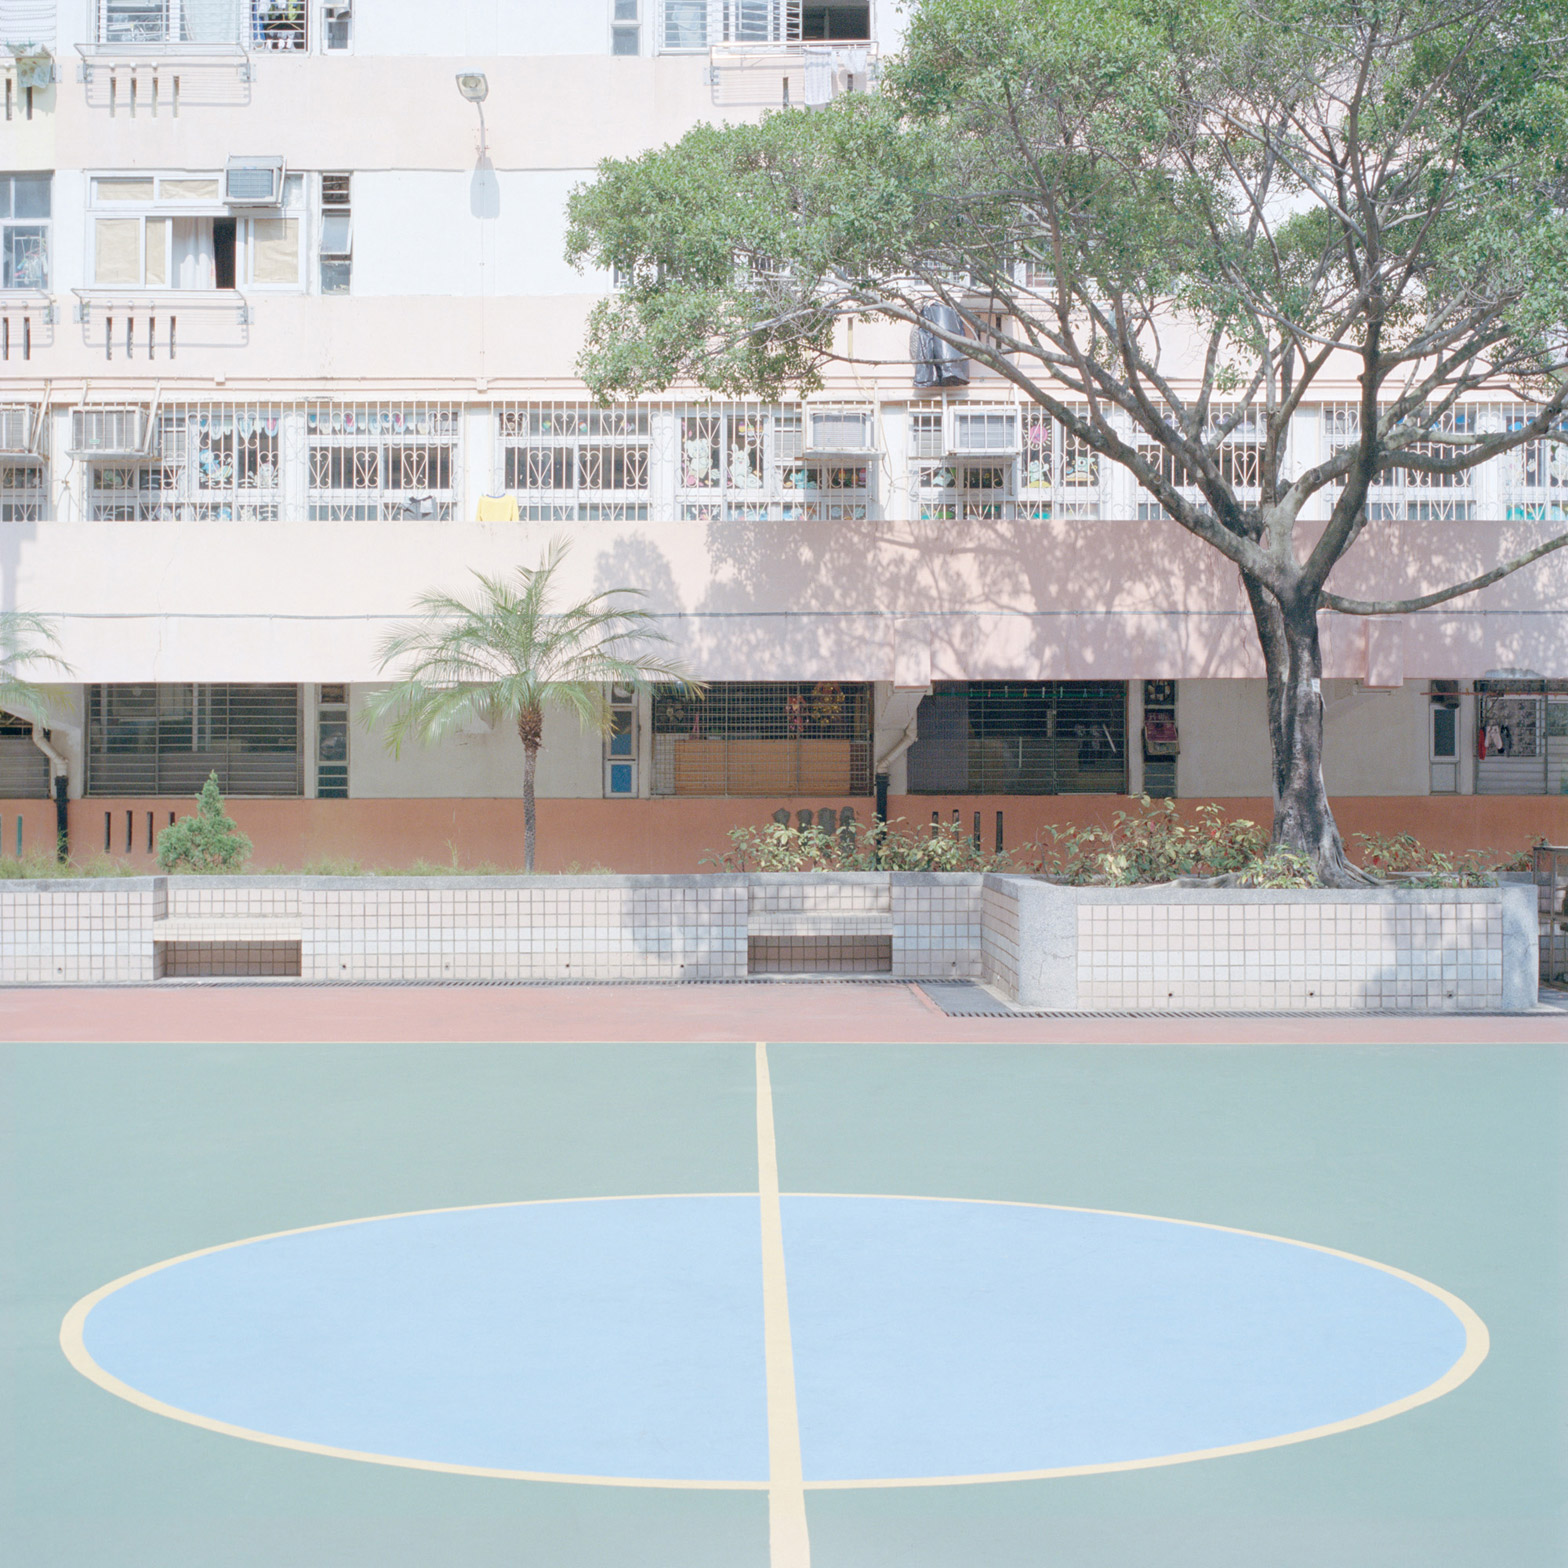 courts-by-ward-roberts_dezeen_1568_38.jpg